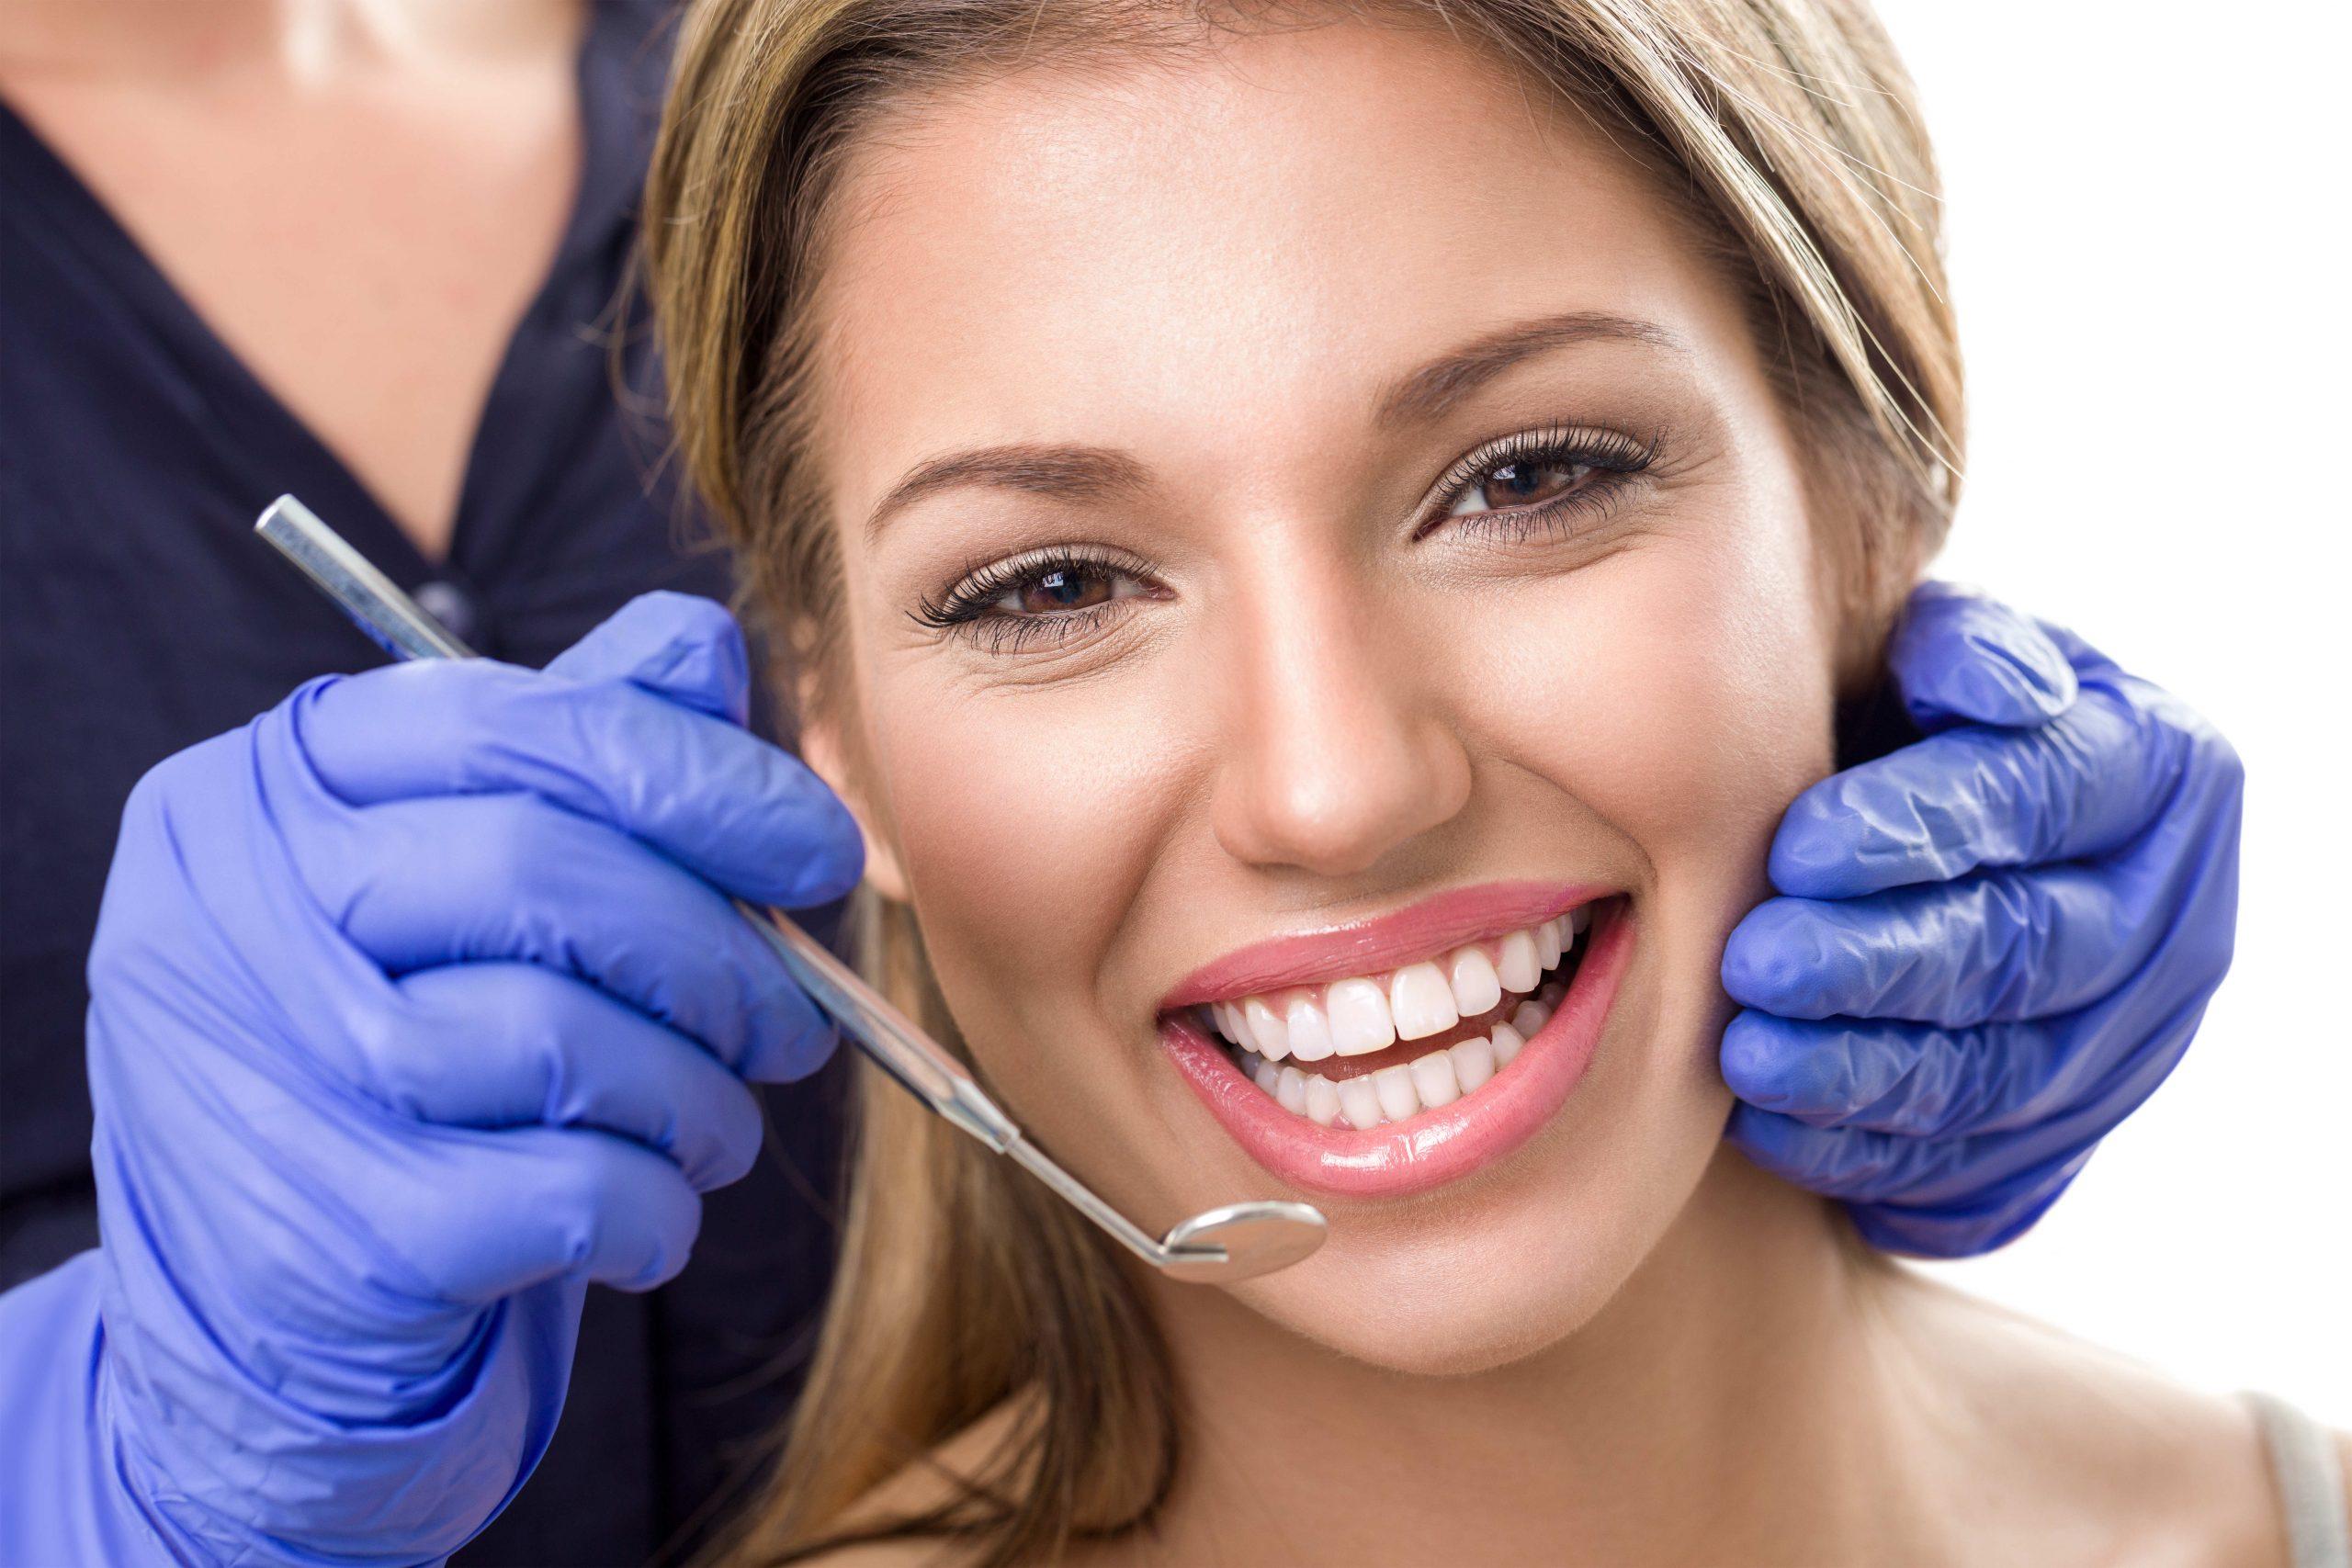 La salud bucal, un trabajo entre el dentista y tú